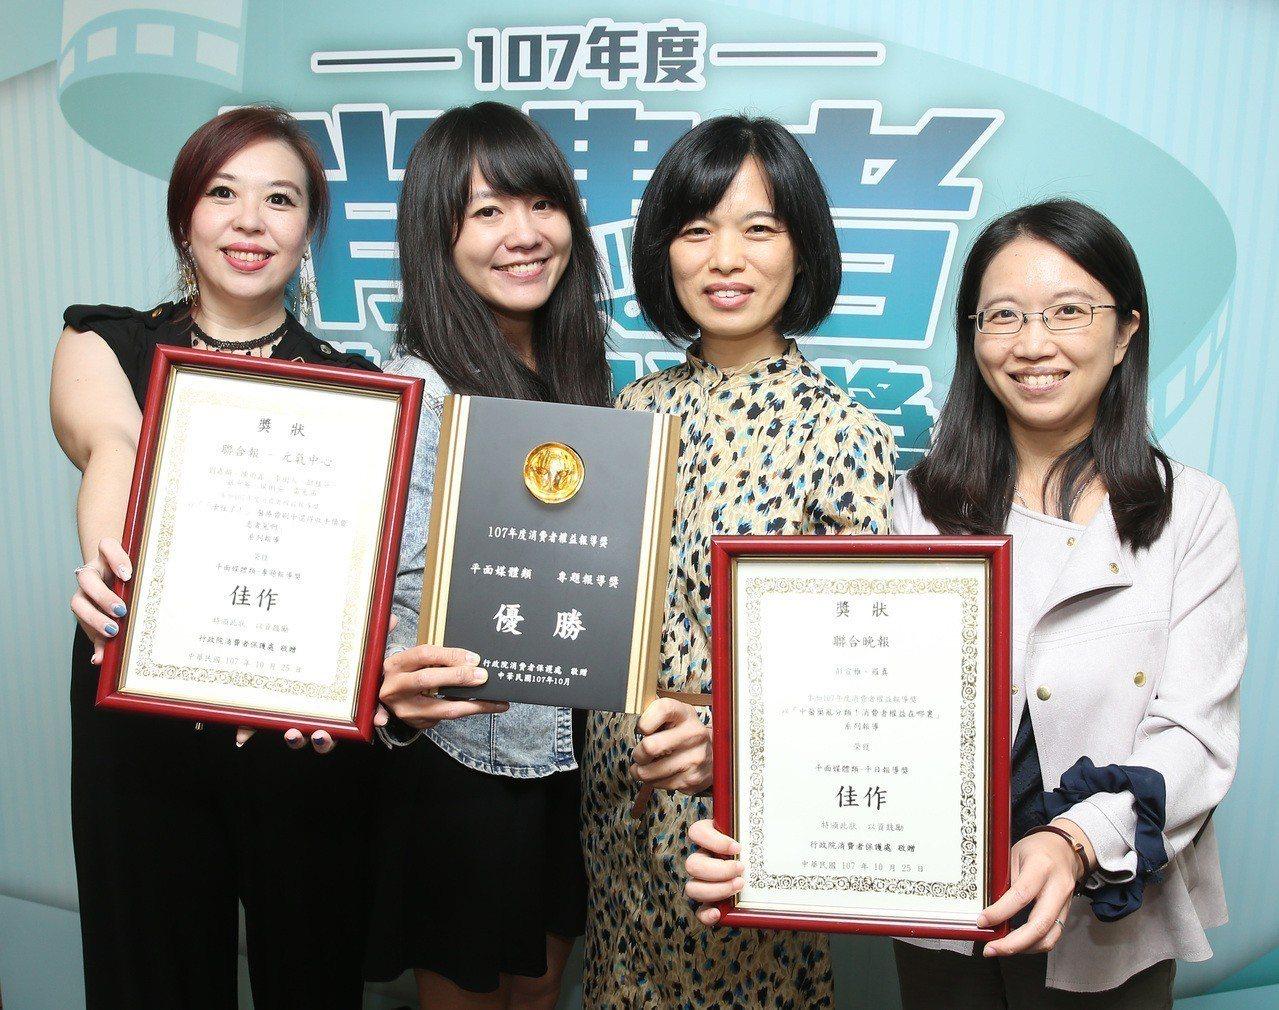 消費者權益報導獎昨天頒獎典禮,聯合報系共獲五個獎項,記者彭宣雅(右起)、蔡惠萍、...